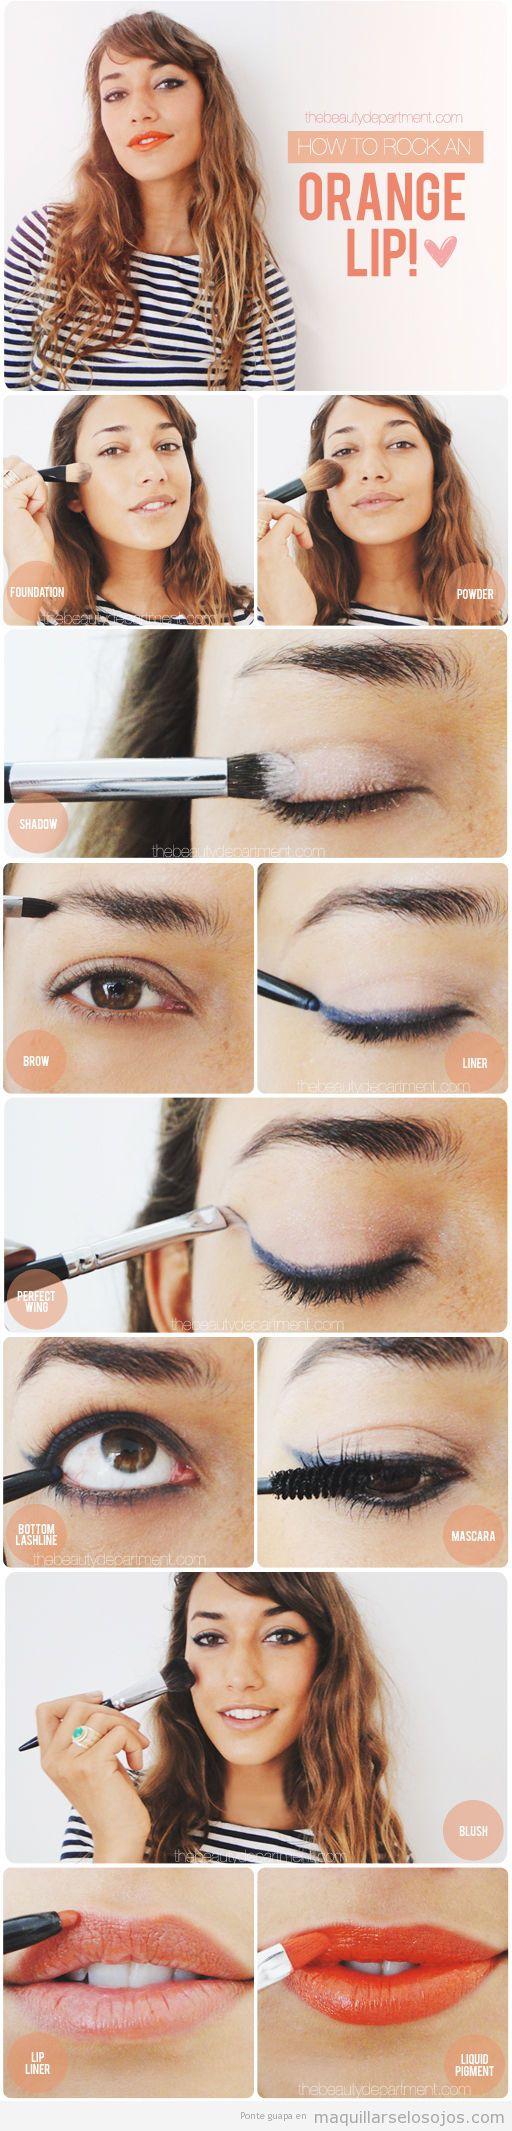 Maquillaje con eyeliner difuminado y labios naranjas for Labios mate paso a paso